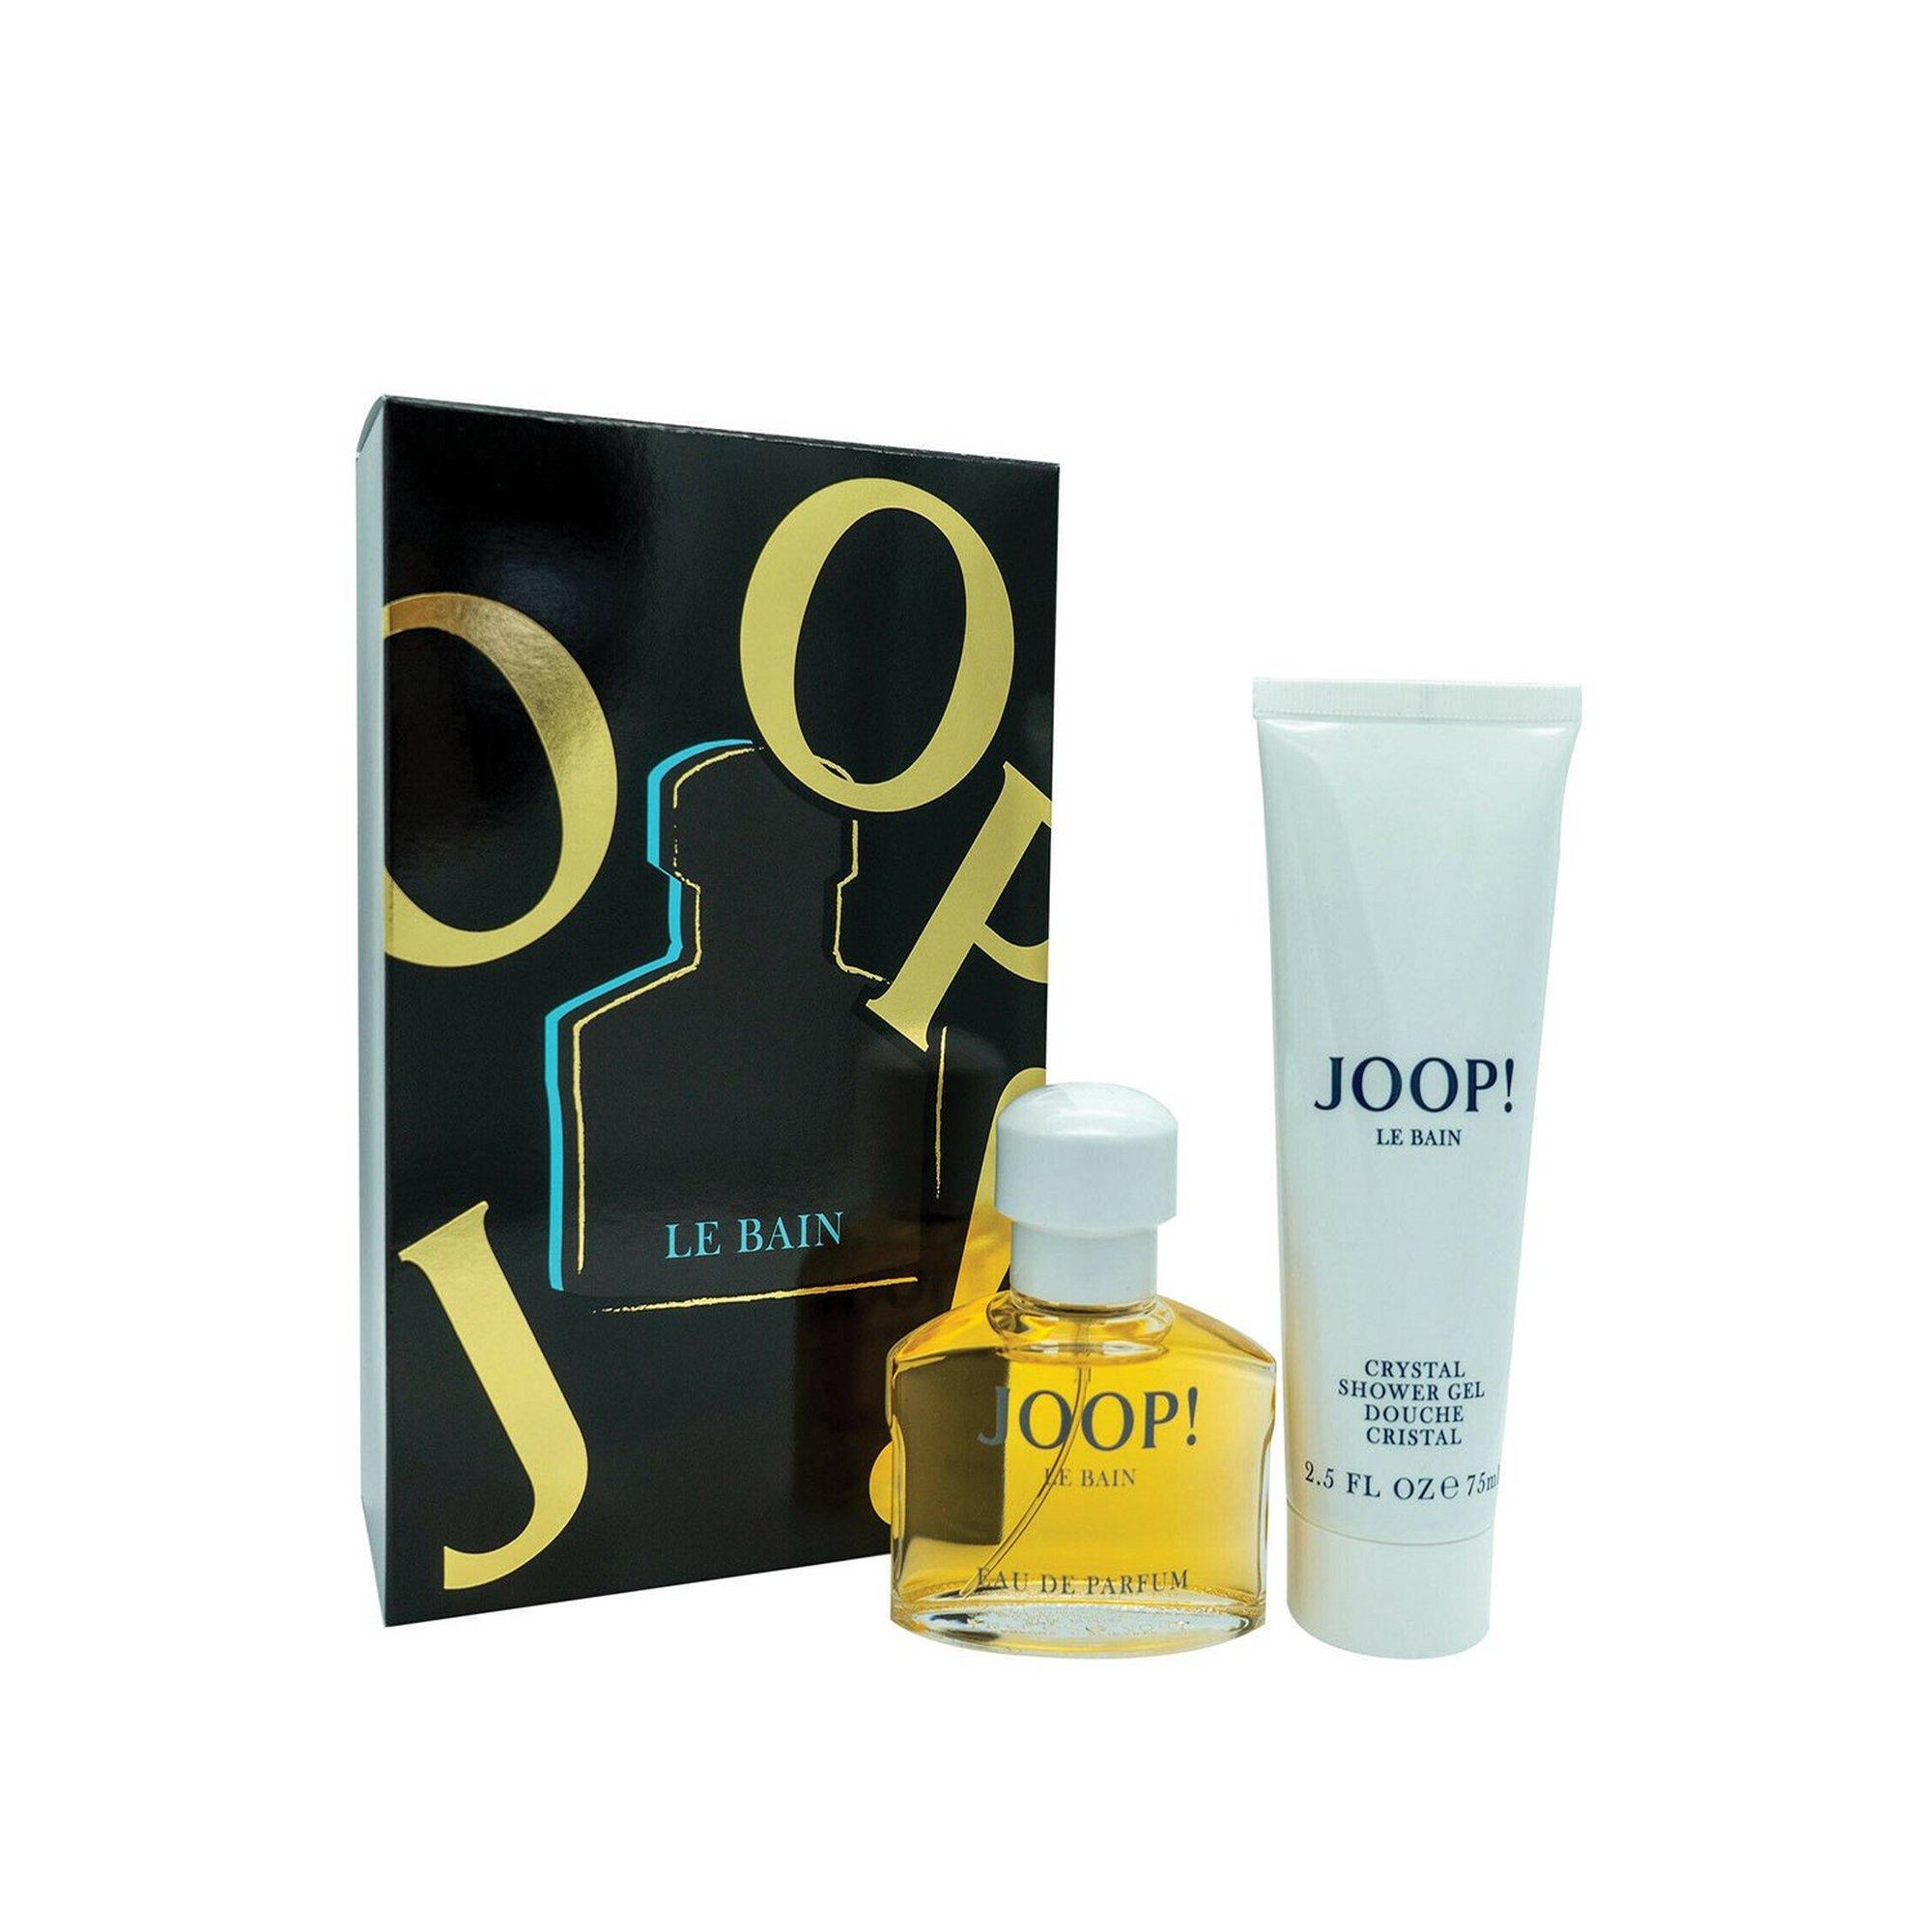 Image of Joop! Le Bain 40ml EDP Gift Set